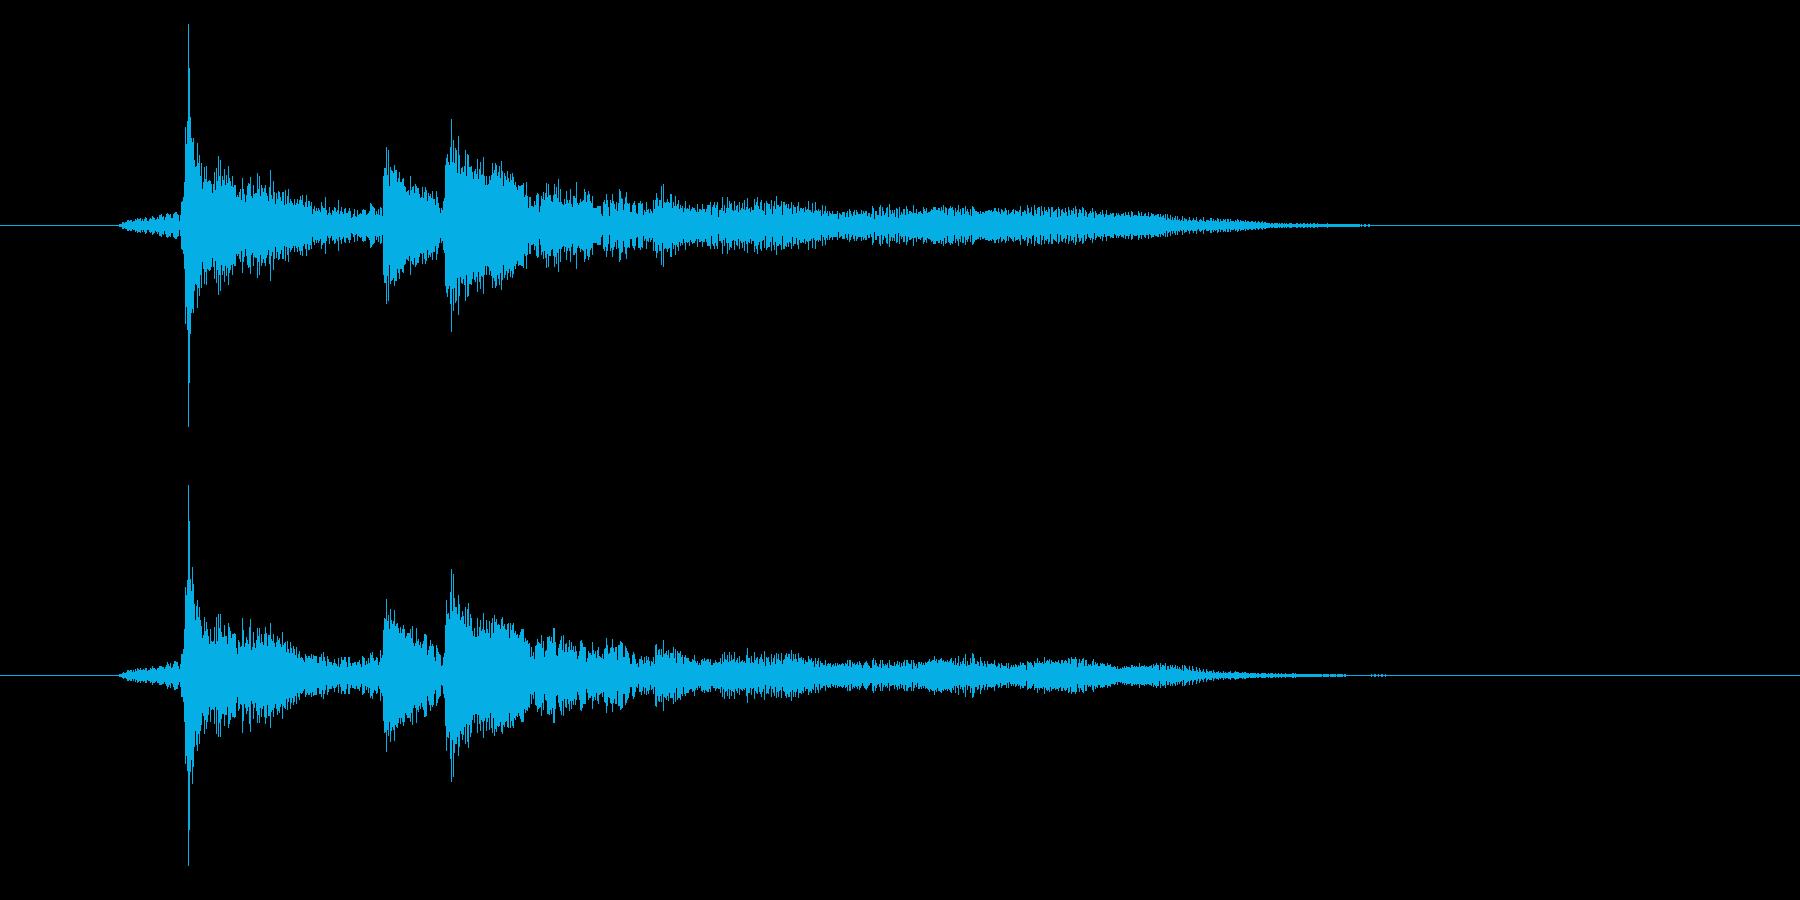 ゲームオーバーの音の再生済みの波形